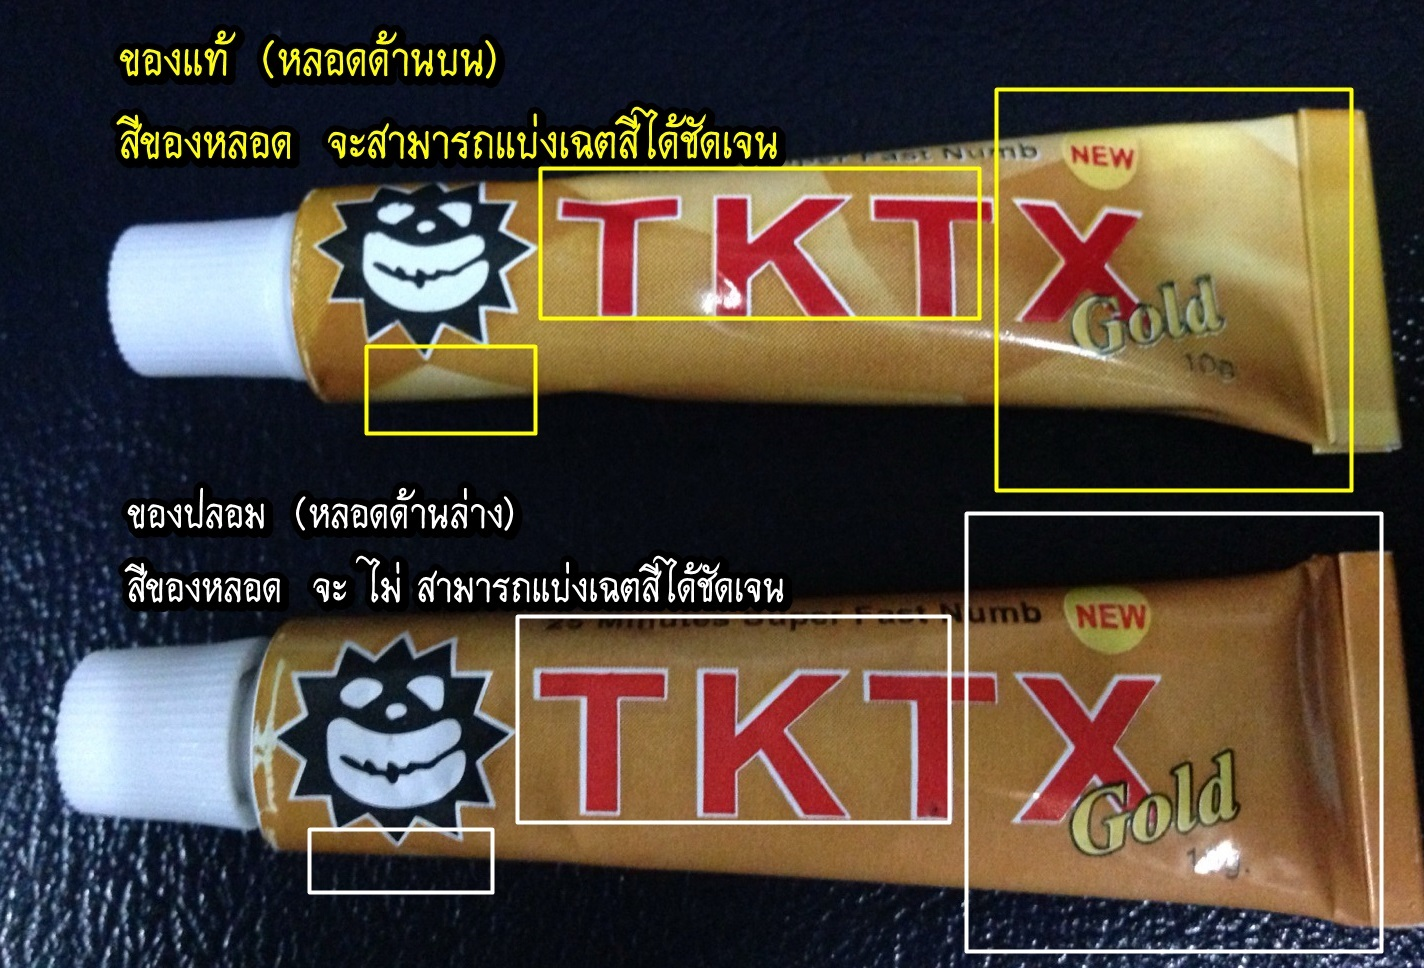 1-ยาชาแบบทา-tktxเปรียบเทียบหลอดของจริงกับปลอมตัว38goldด้านหน้า